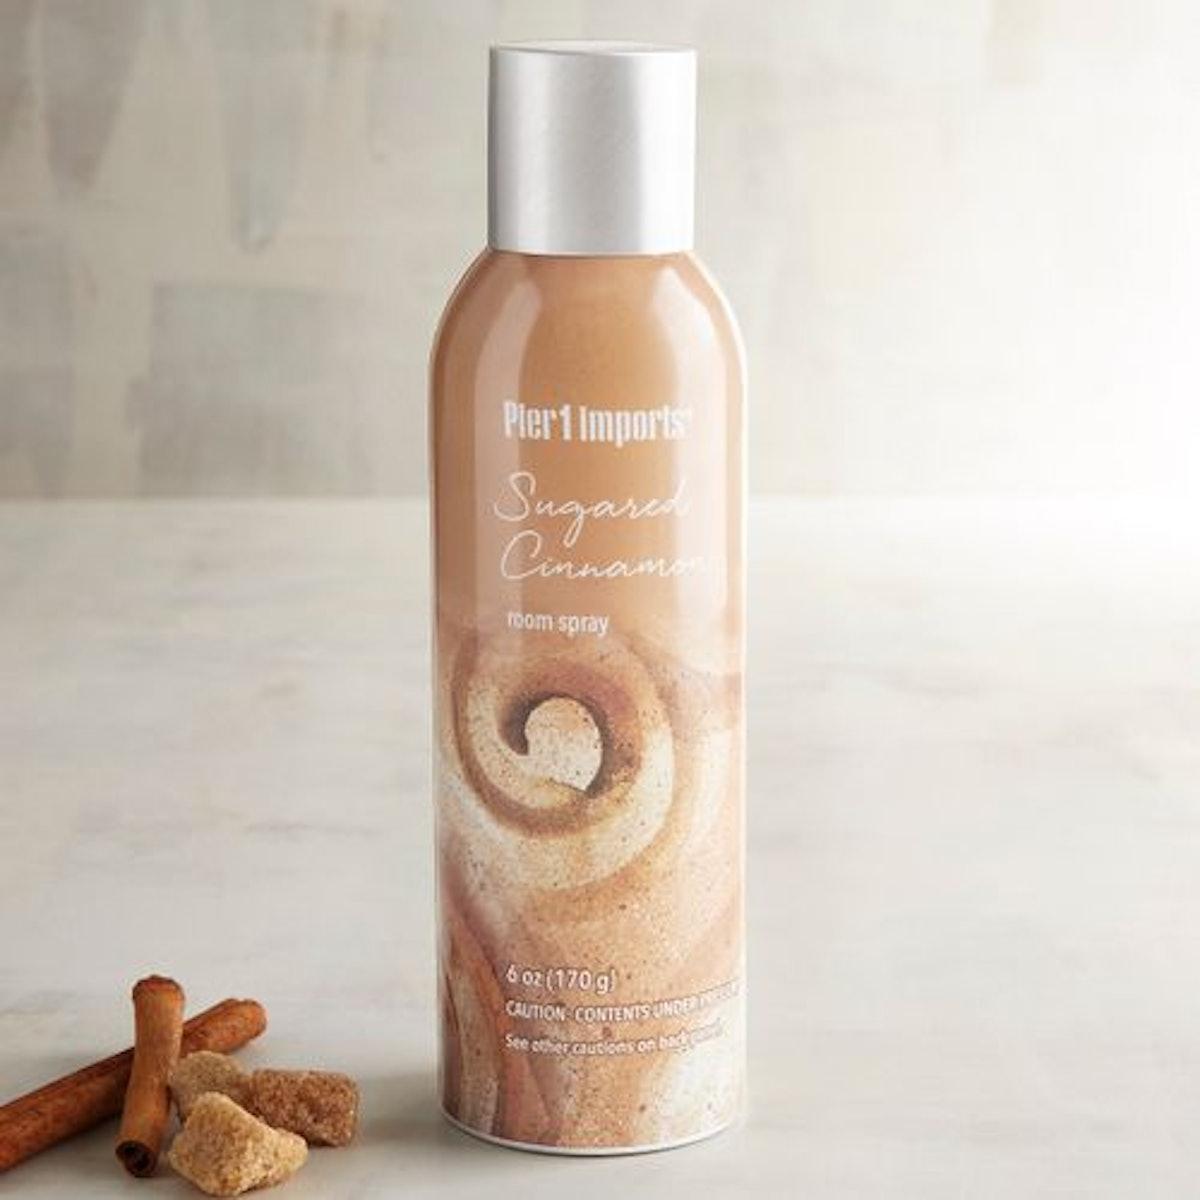 Pier 1 Sugared Cinnamon Room Spray